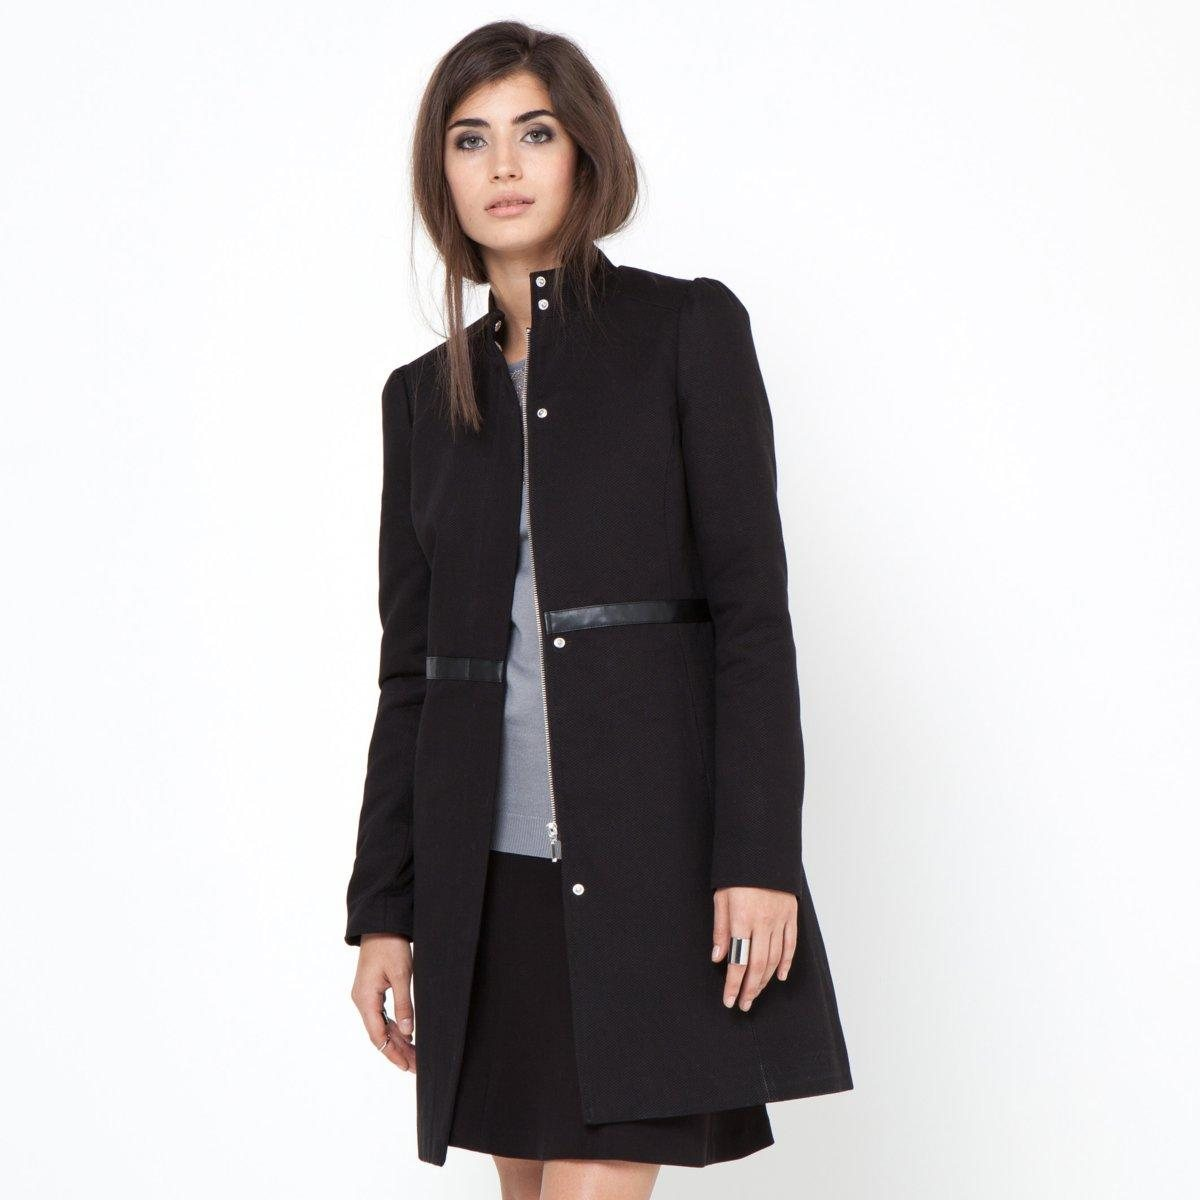 manteau femme c 39 est le moment de penser la saison froide. Black Bedroom Furniture Sets. Home Design Ideas